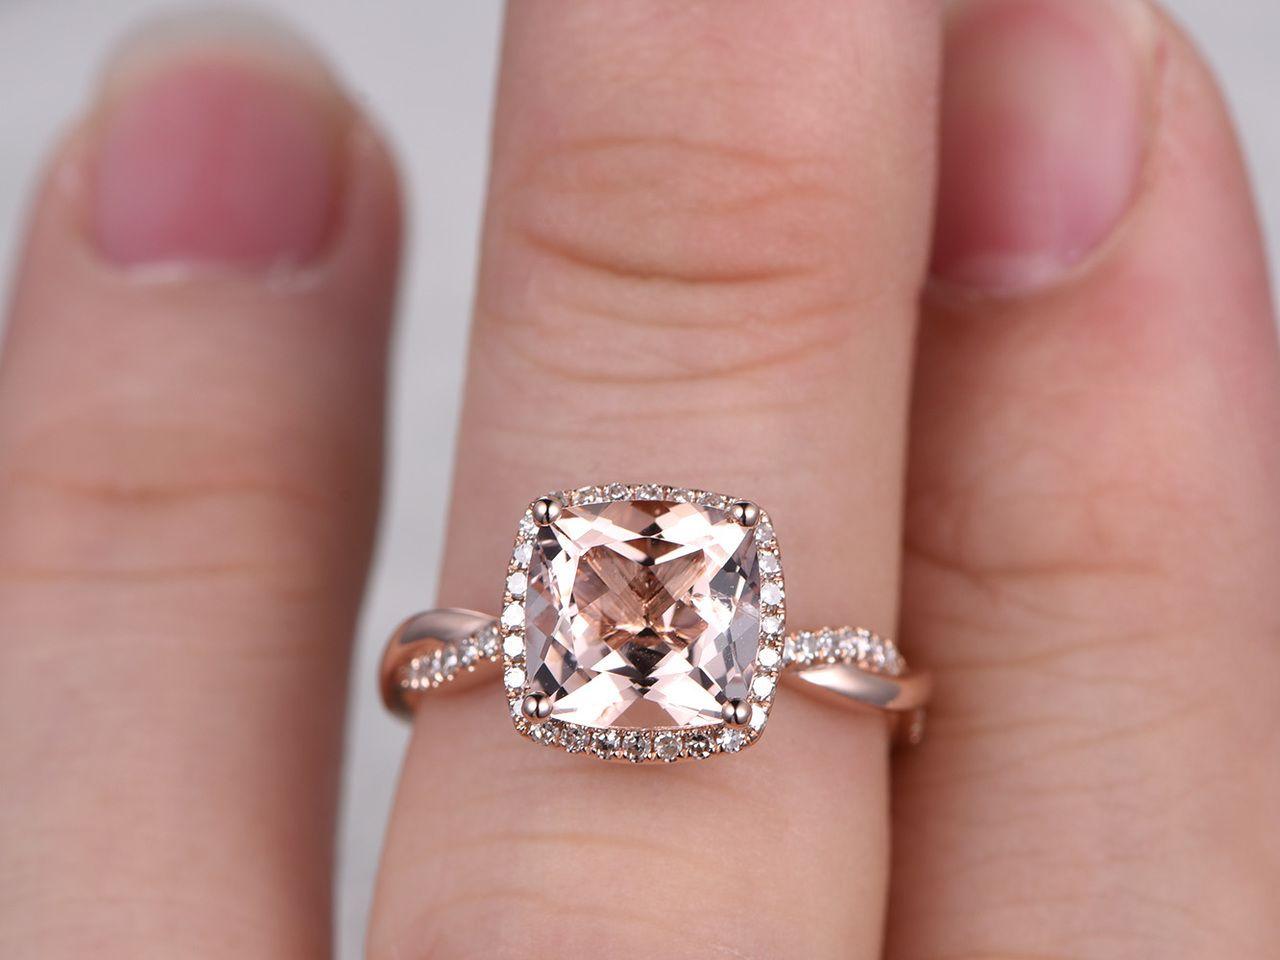 Rose Gold engagement ring | Nigerian/Yoruba Wedding things ...